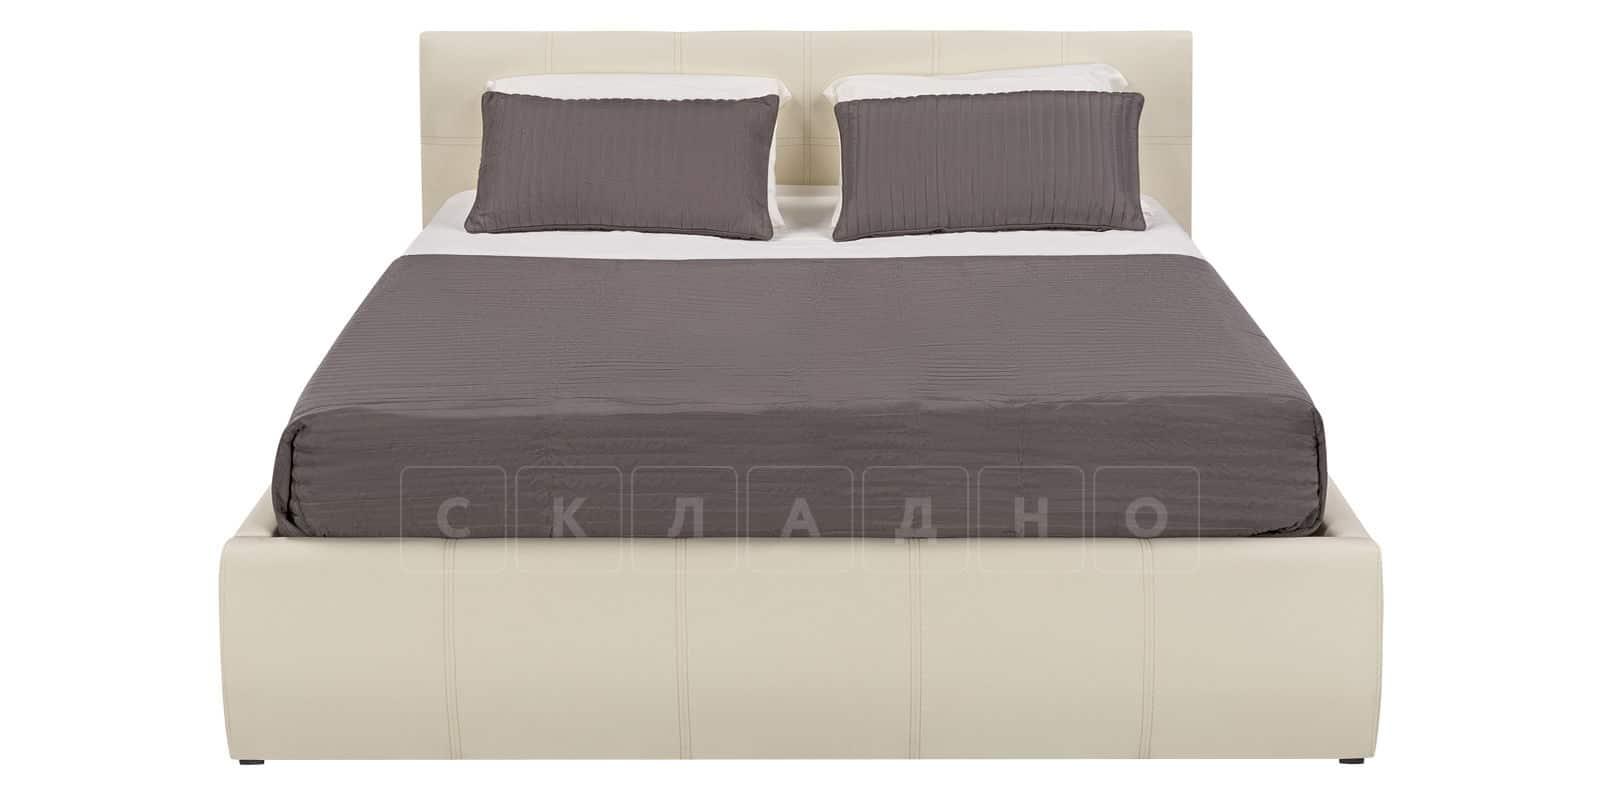 Мягкая кровать Афина 140см экокожа молочного цвета фото 3 | интернет-магазин Складно